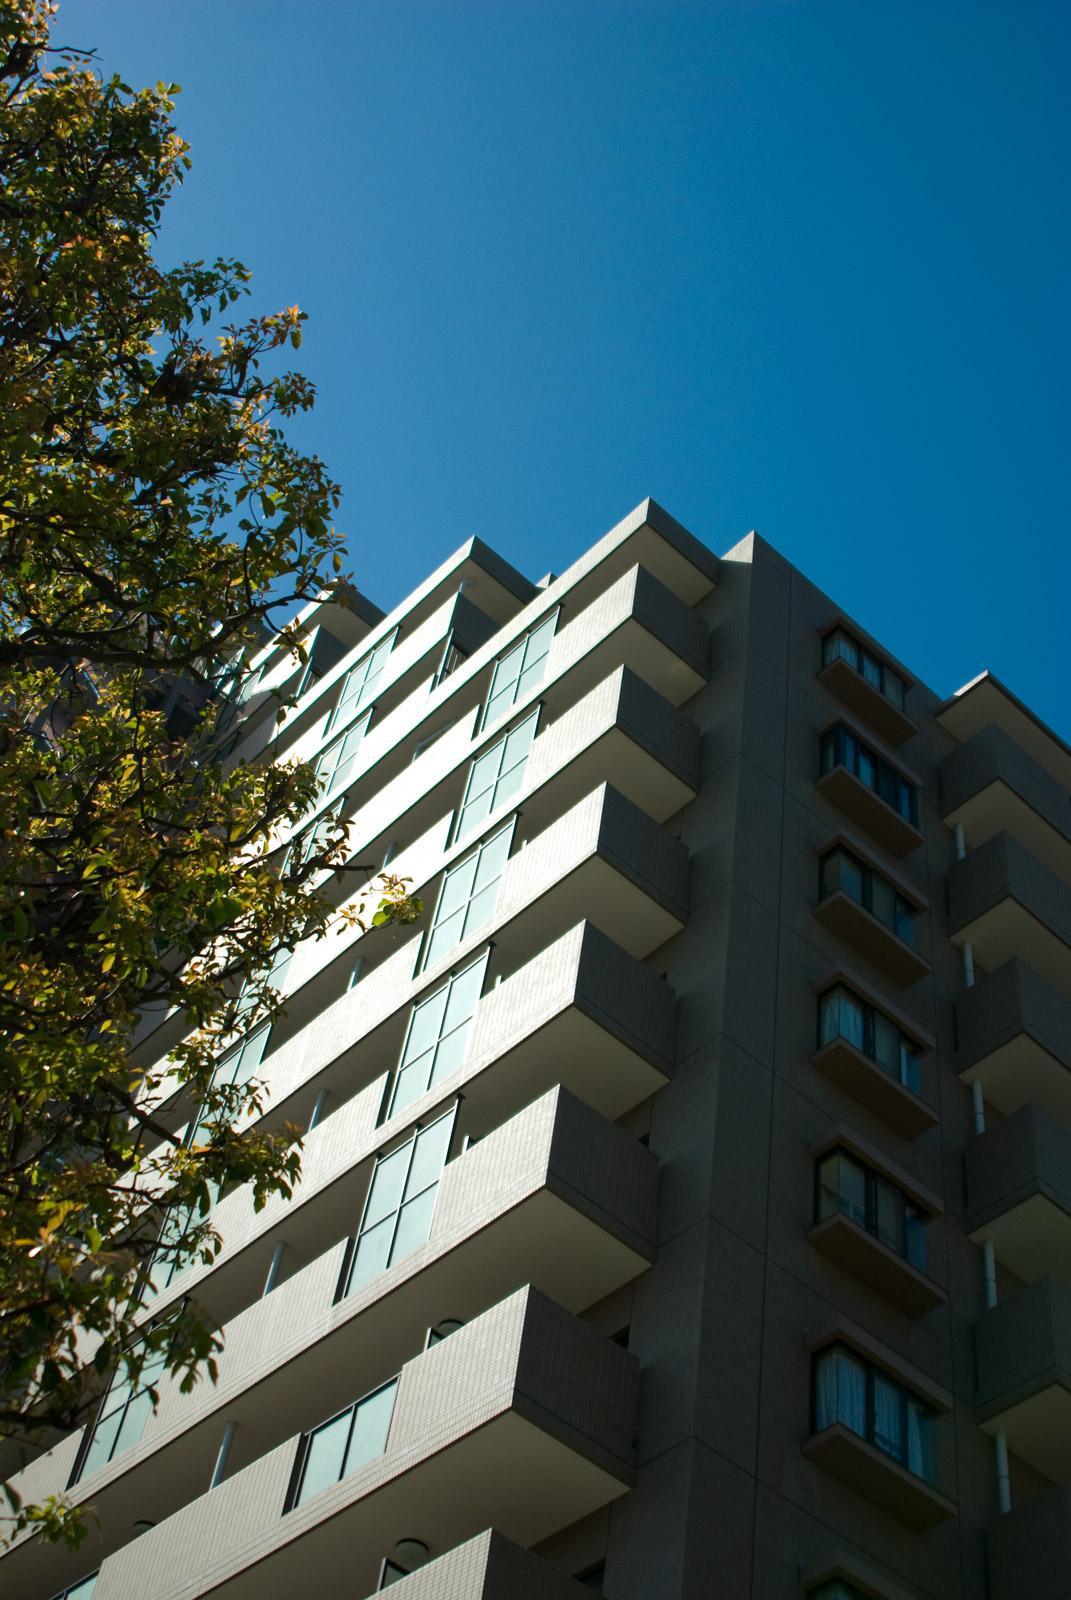 早期売却すべきマンションの条件・高値相場の際に早く売る方法まとめ